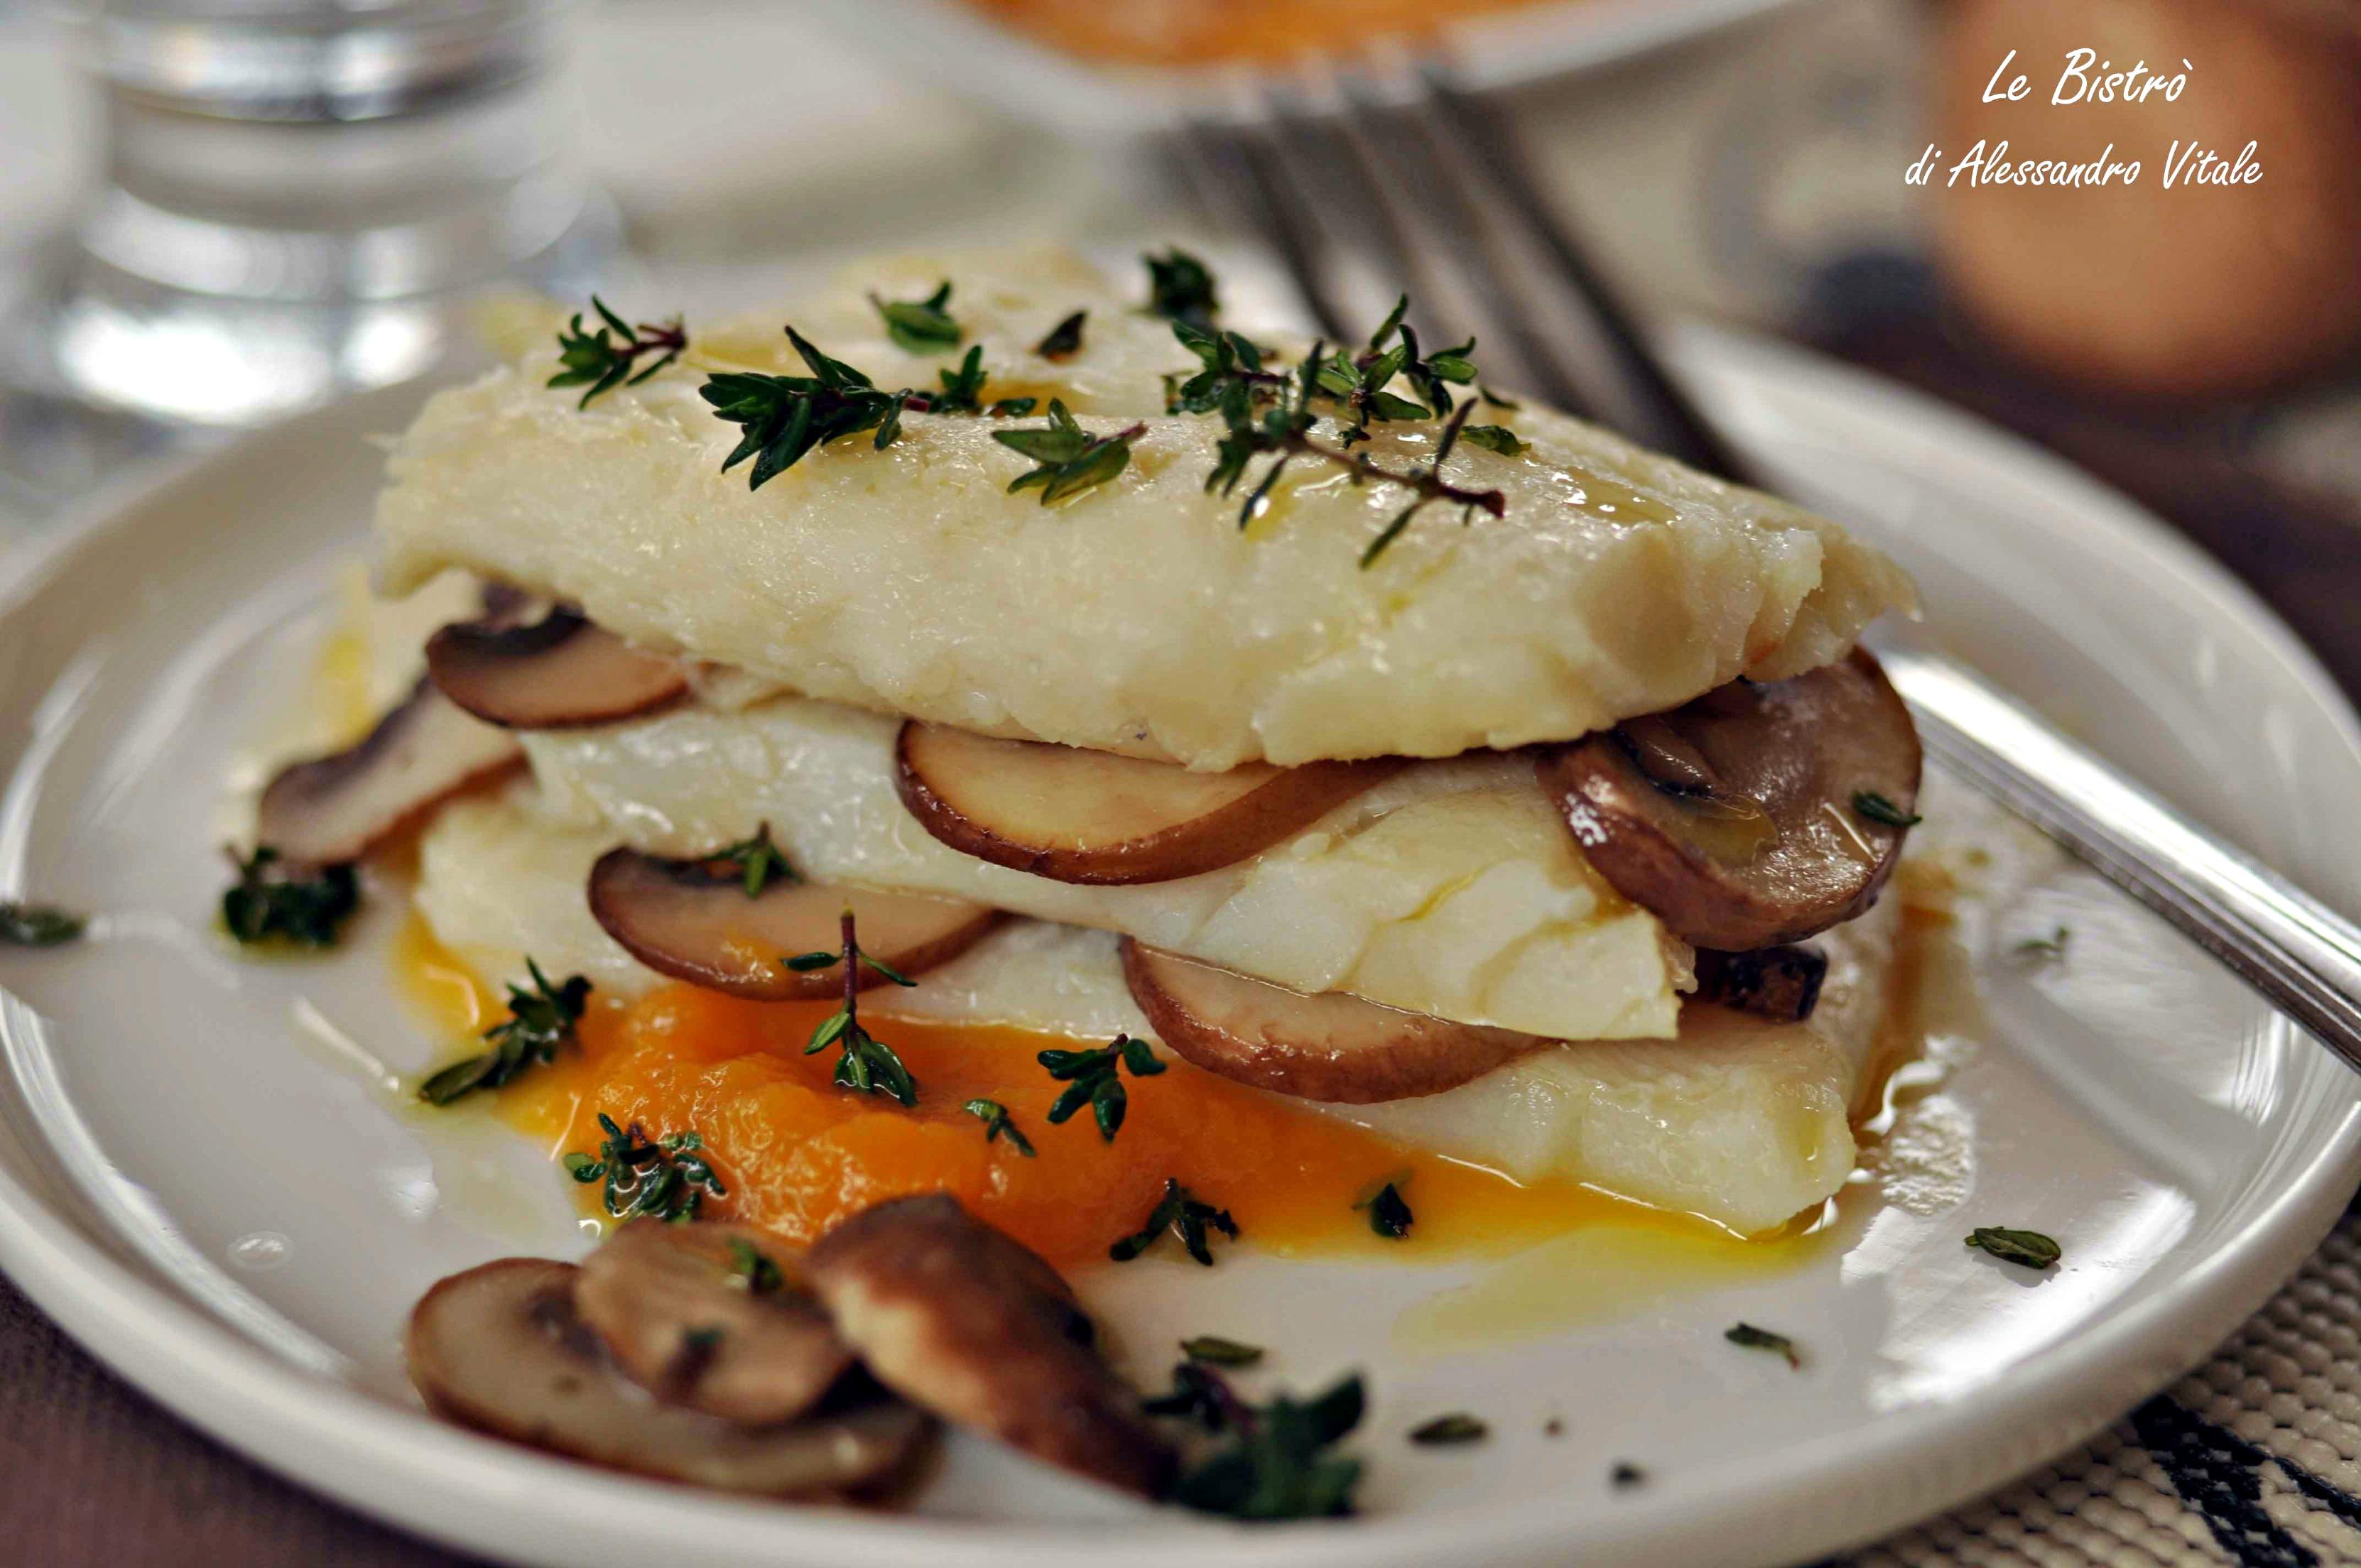 Millefoglie di baccalà con zucca e funghi, secondo piatto